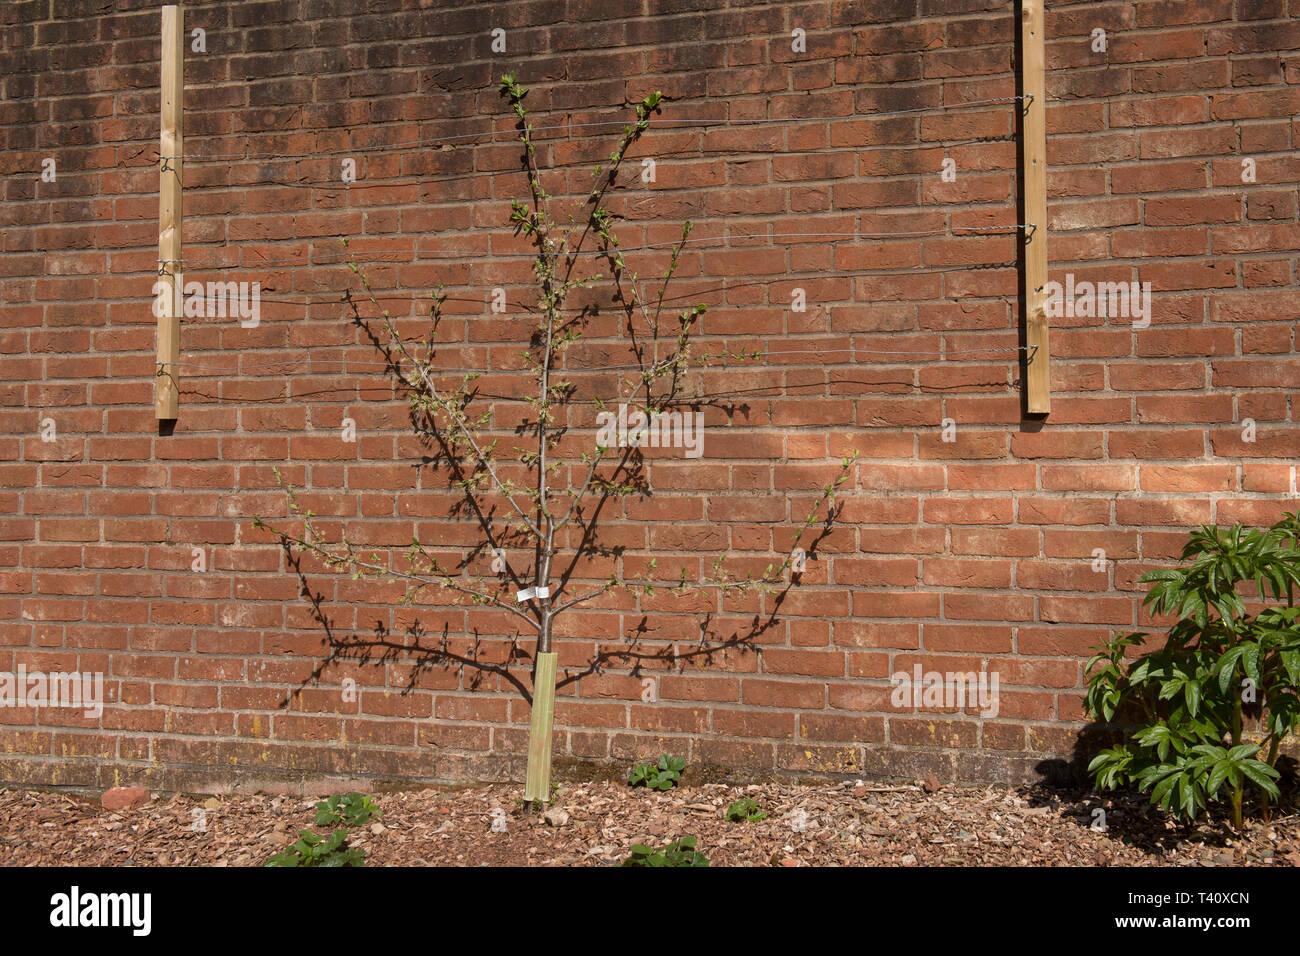 Ausbildung einen Obstbaum gegen eine Wand. Stockbild